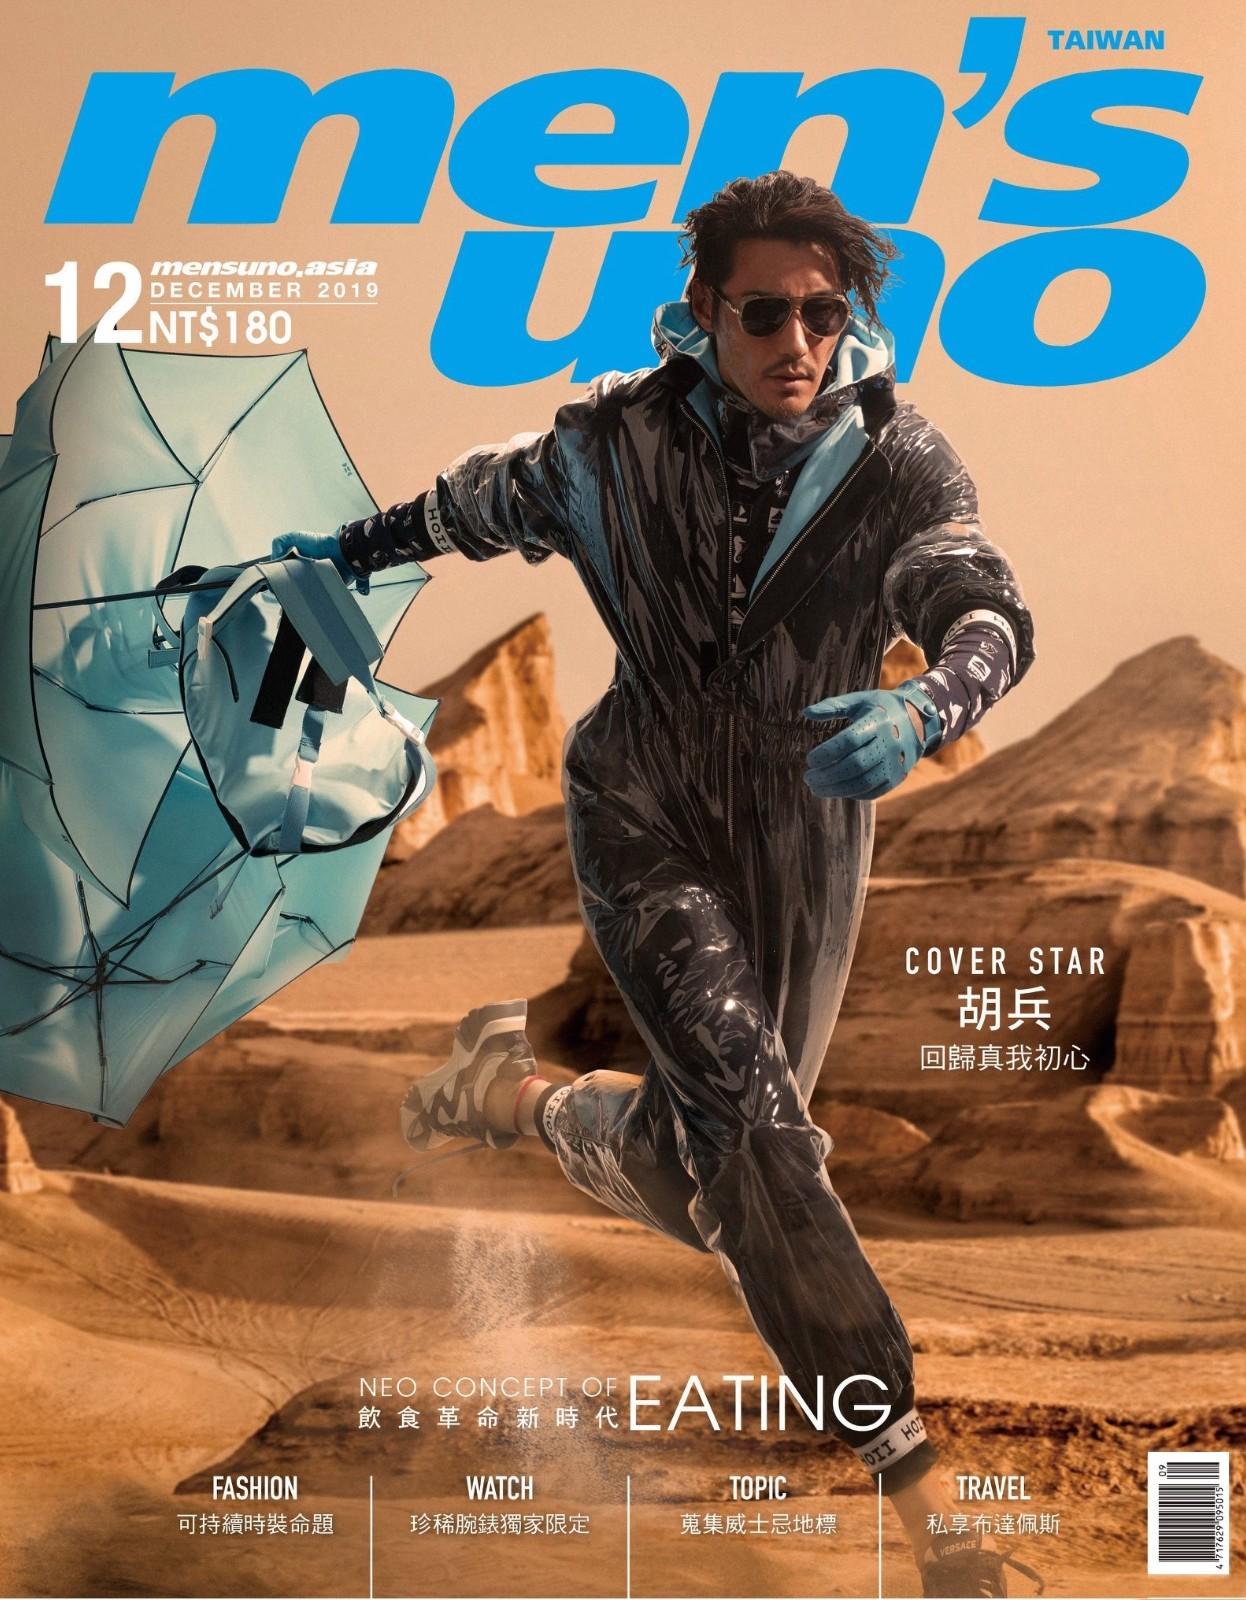 胡兵登杂志双封面 荒野沙漠与时空未来对话